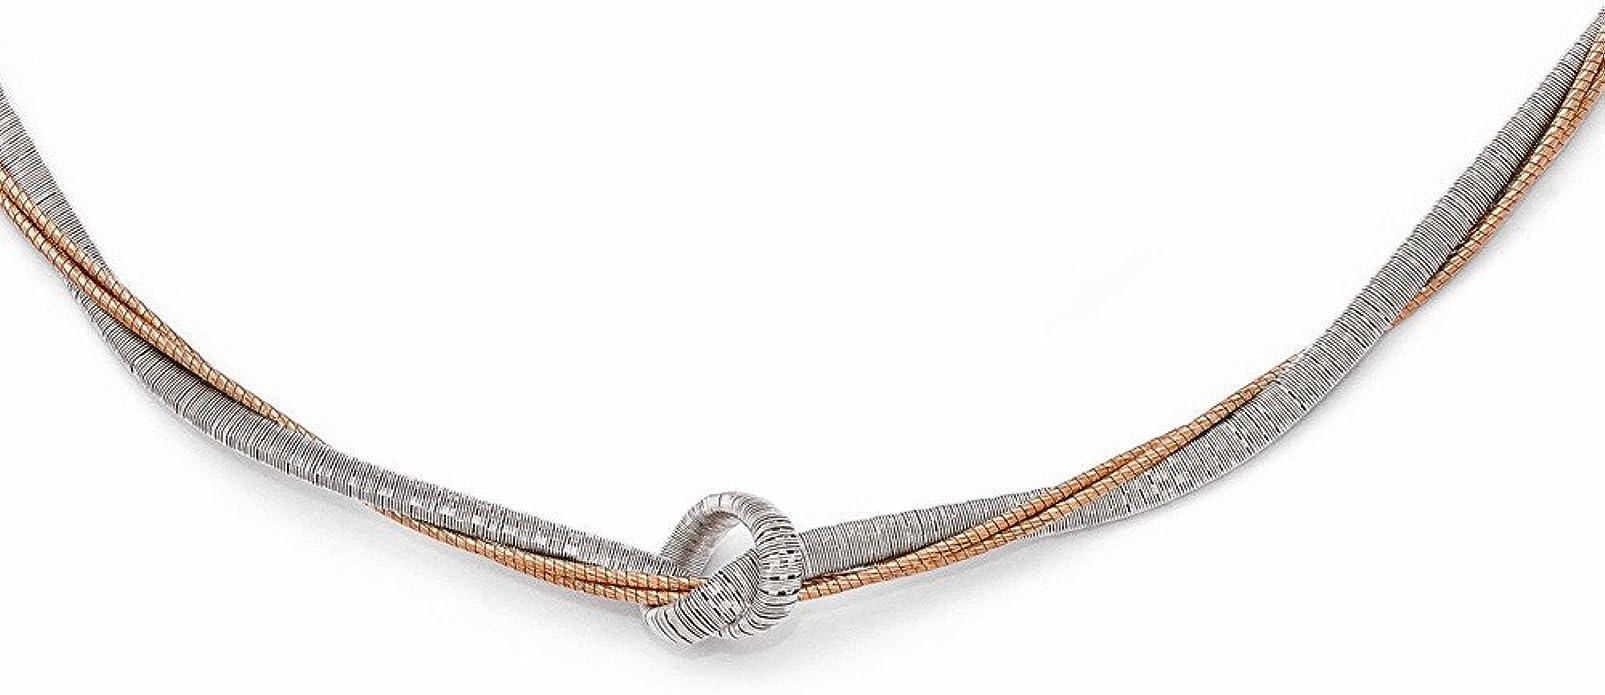 Molyveva Punk Snake Chain Link Bracelet for Women Men Girls Beautiful Pendant Charm Chain Bangle Bracelet